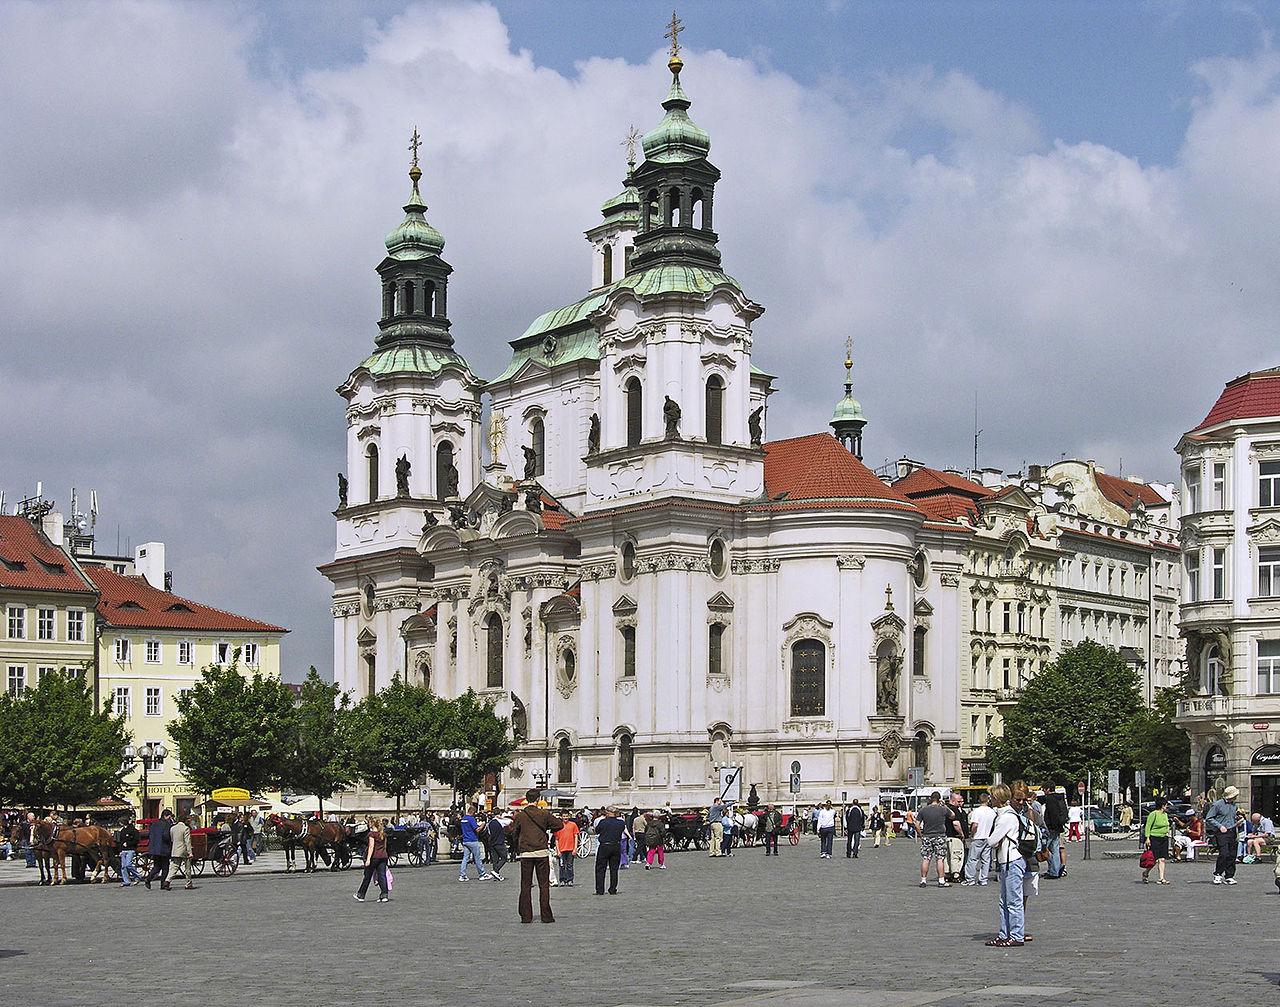 Староместская площадь, церковь Святого Николая